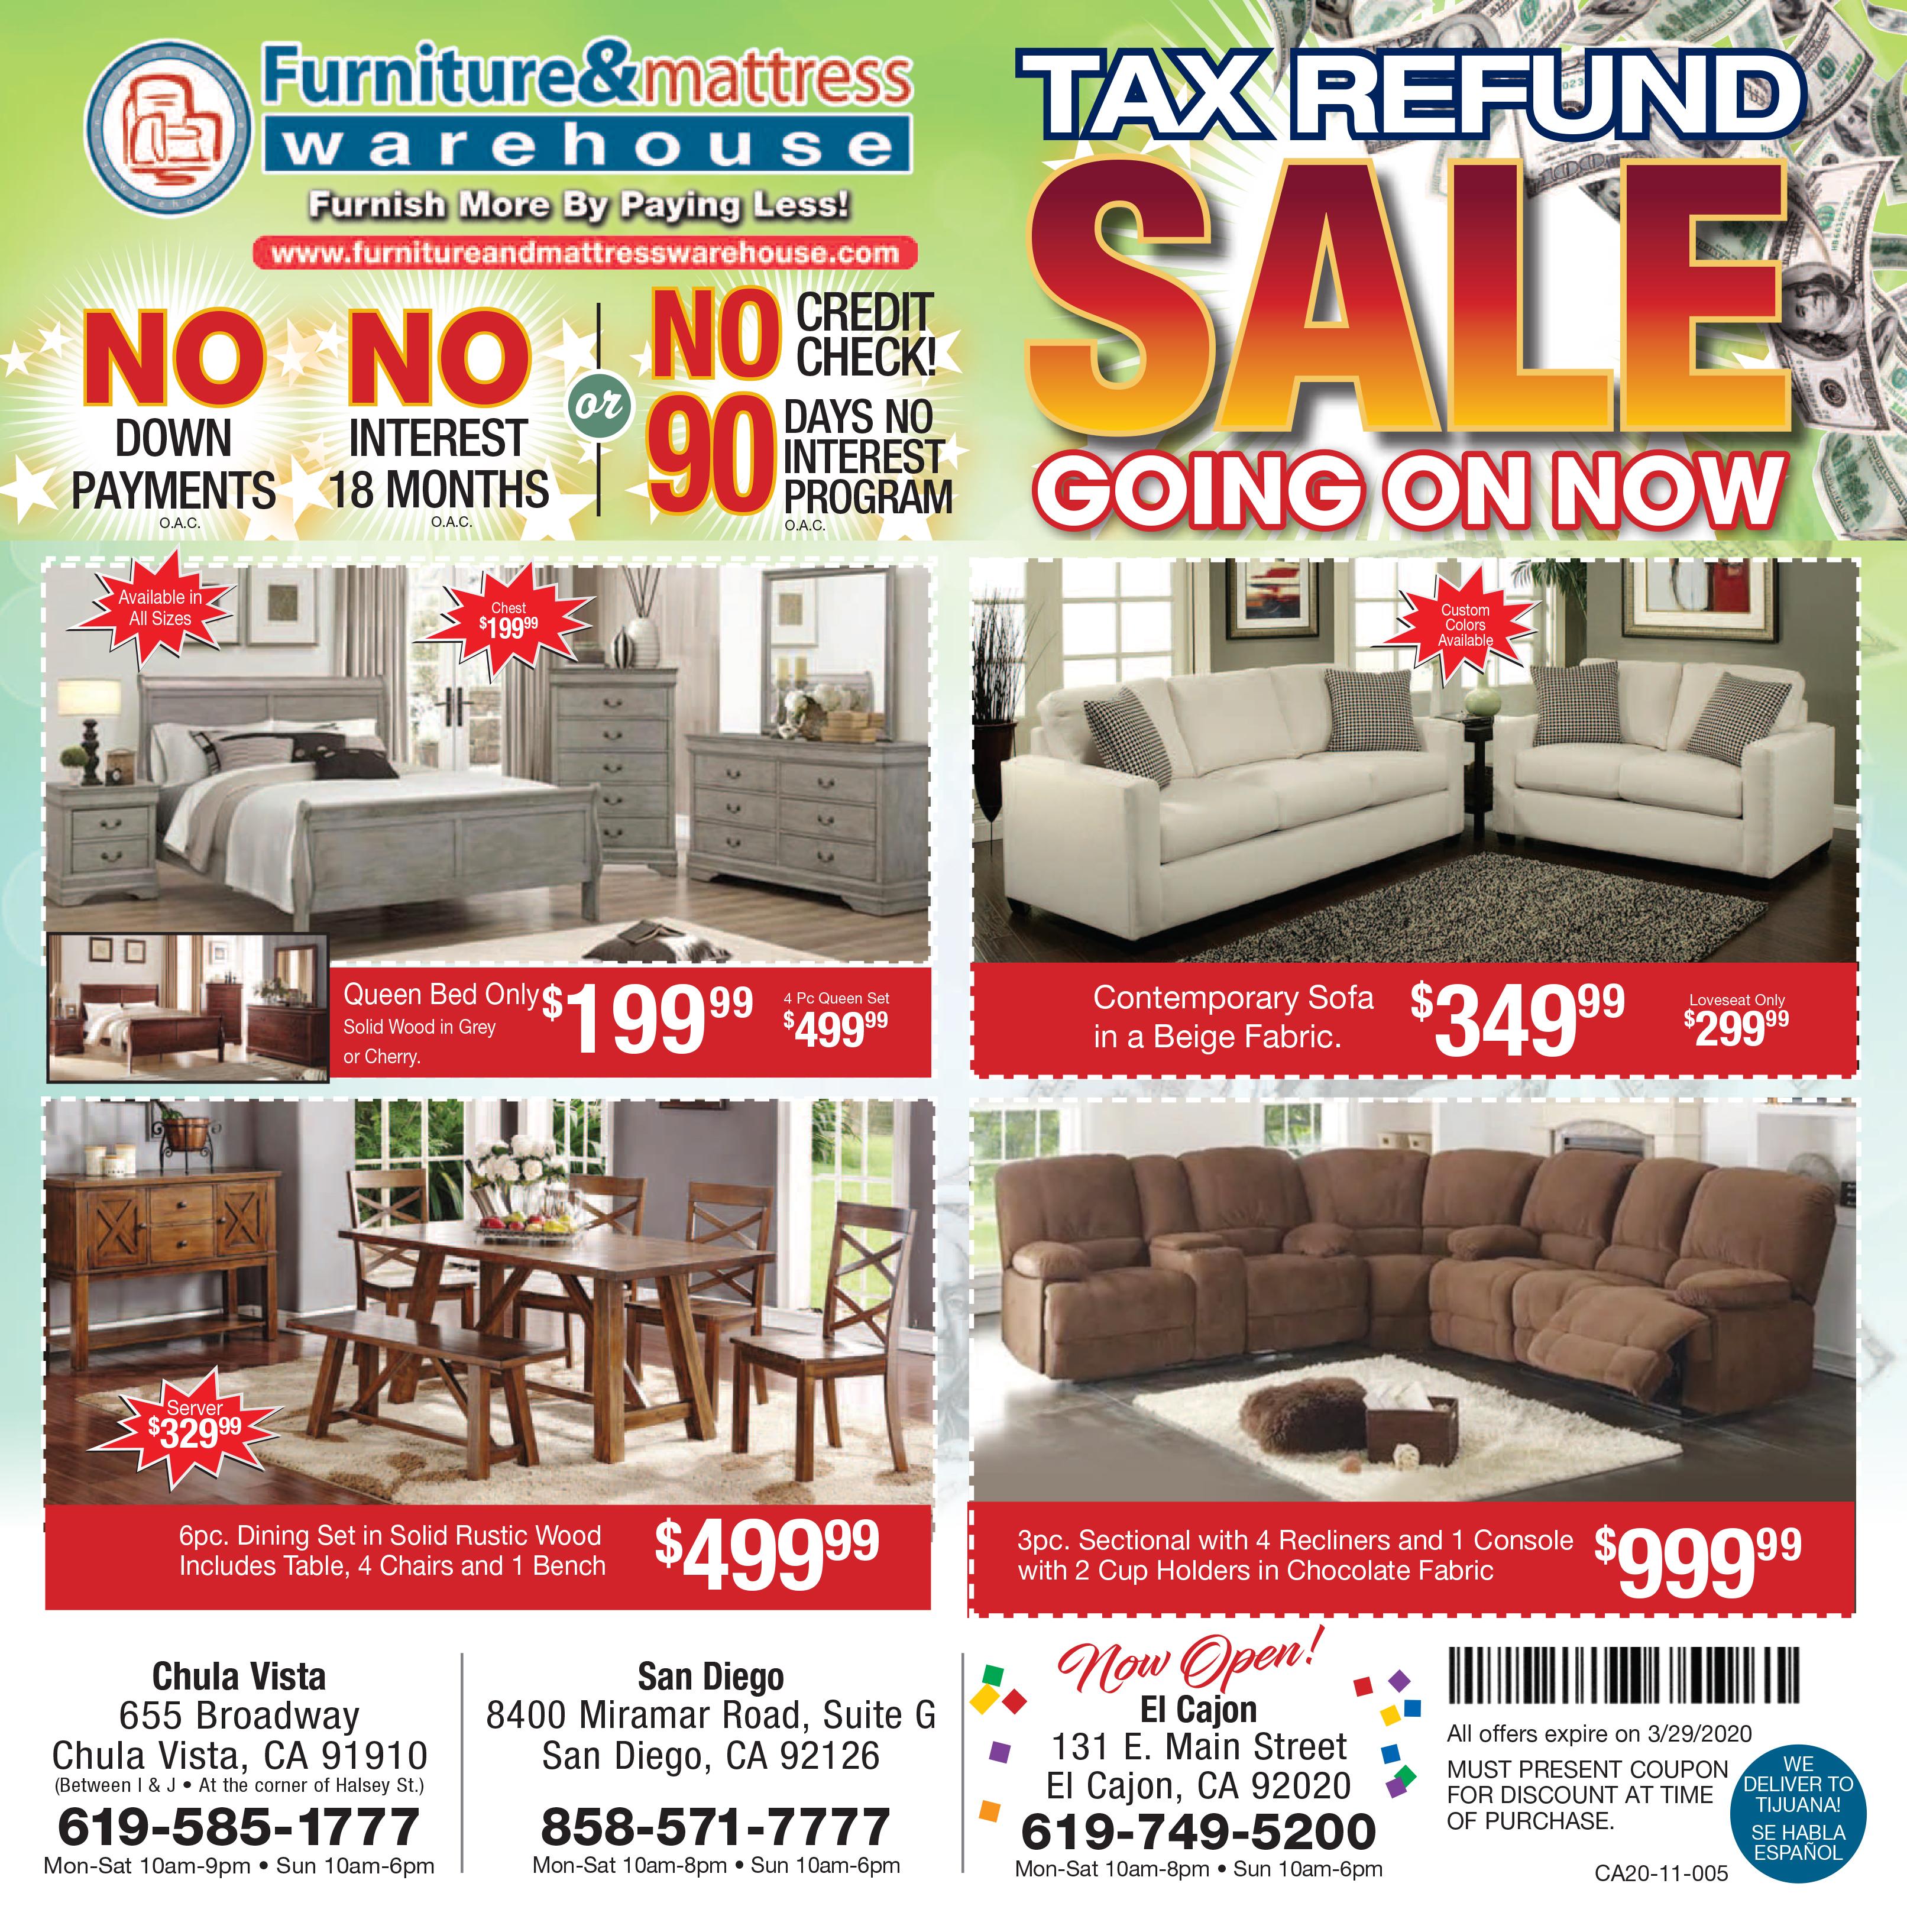 TAX REFUND Sale 2020